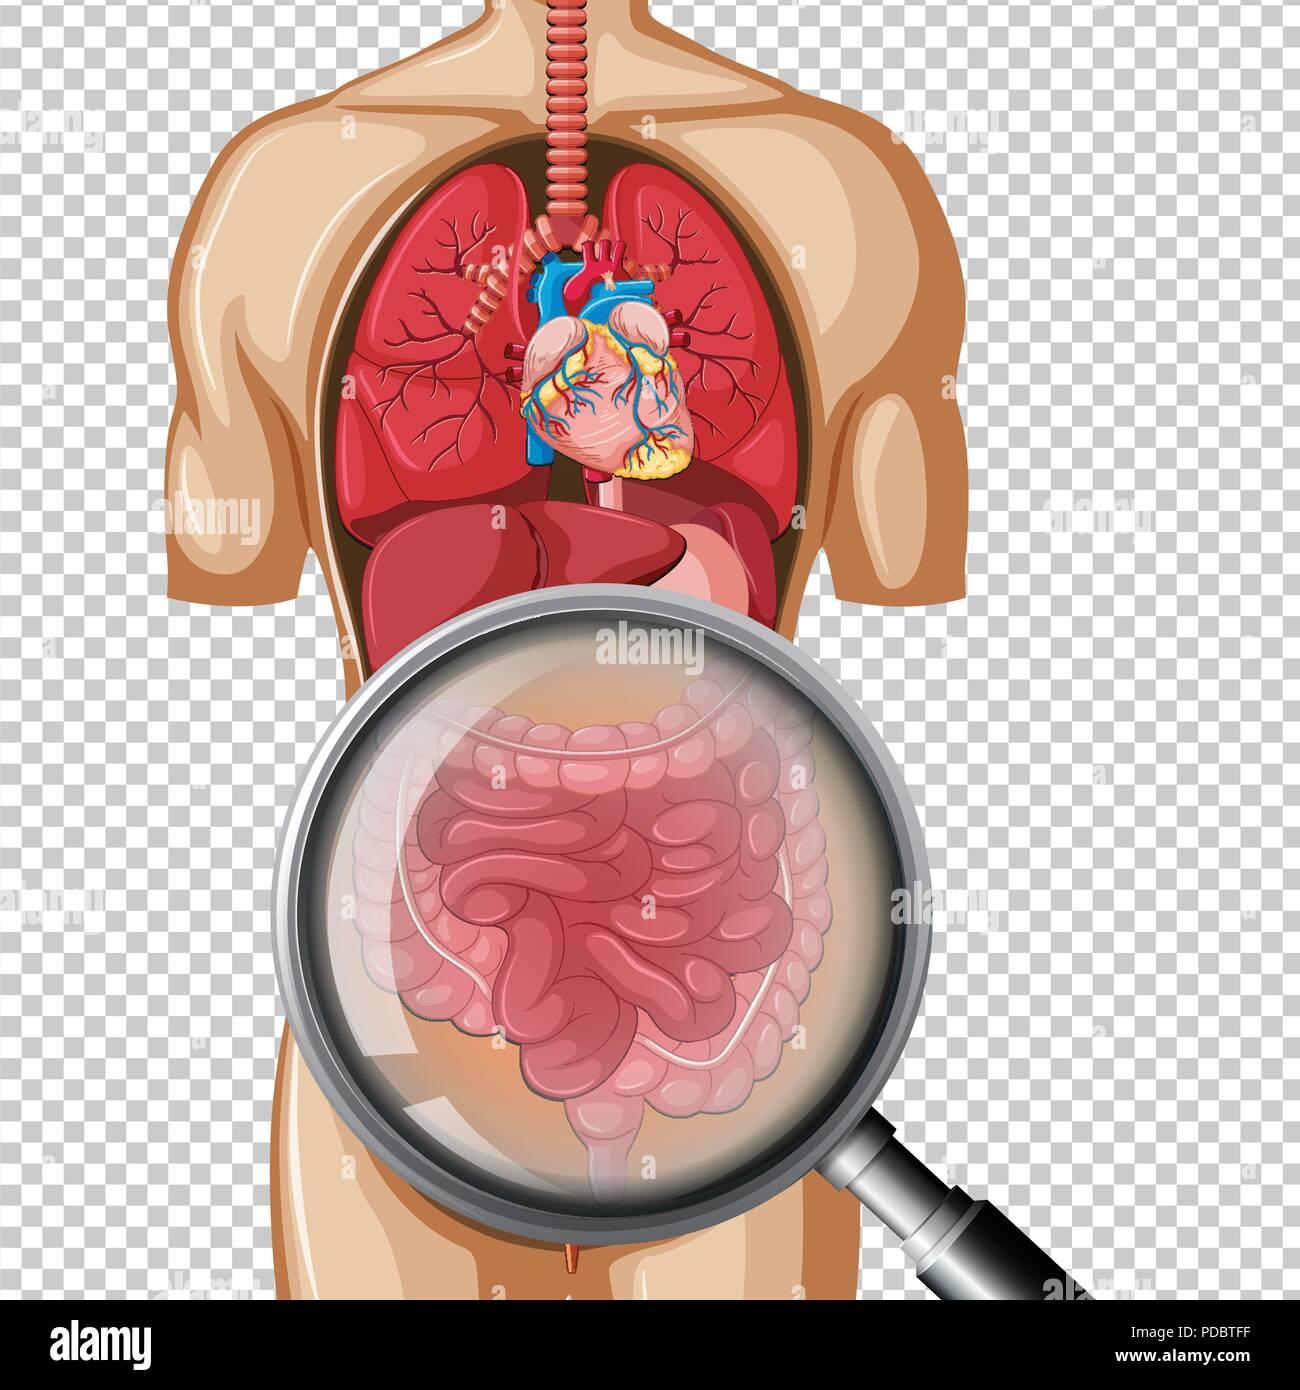 Die menschliche Anatomie des Darmes Abbildung Vektor Abbildung ...